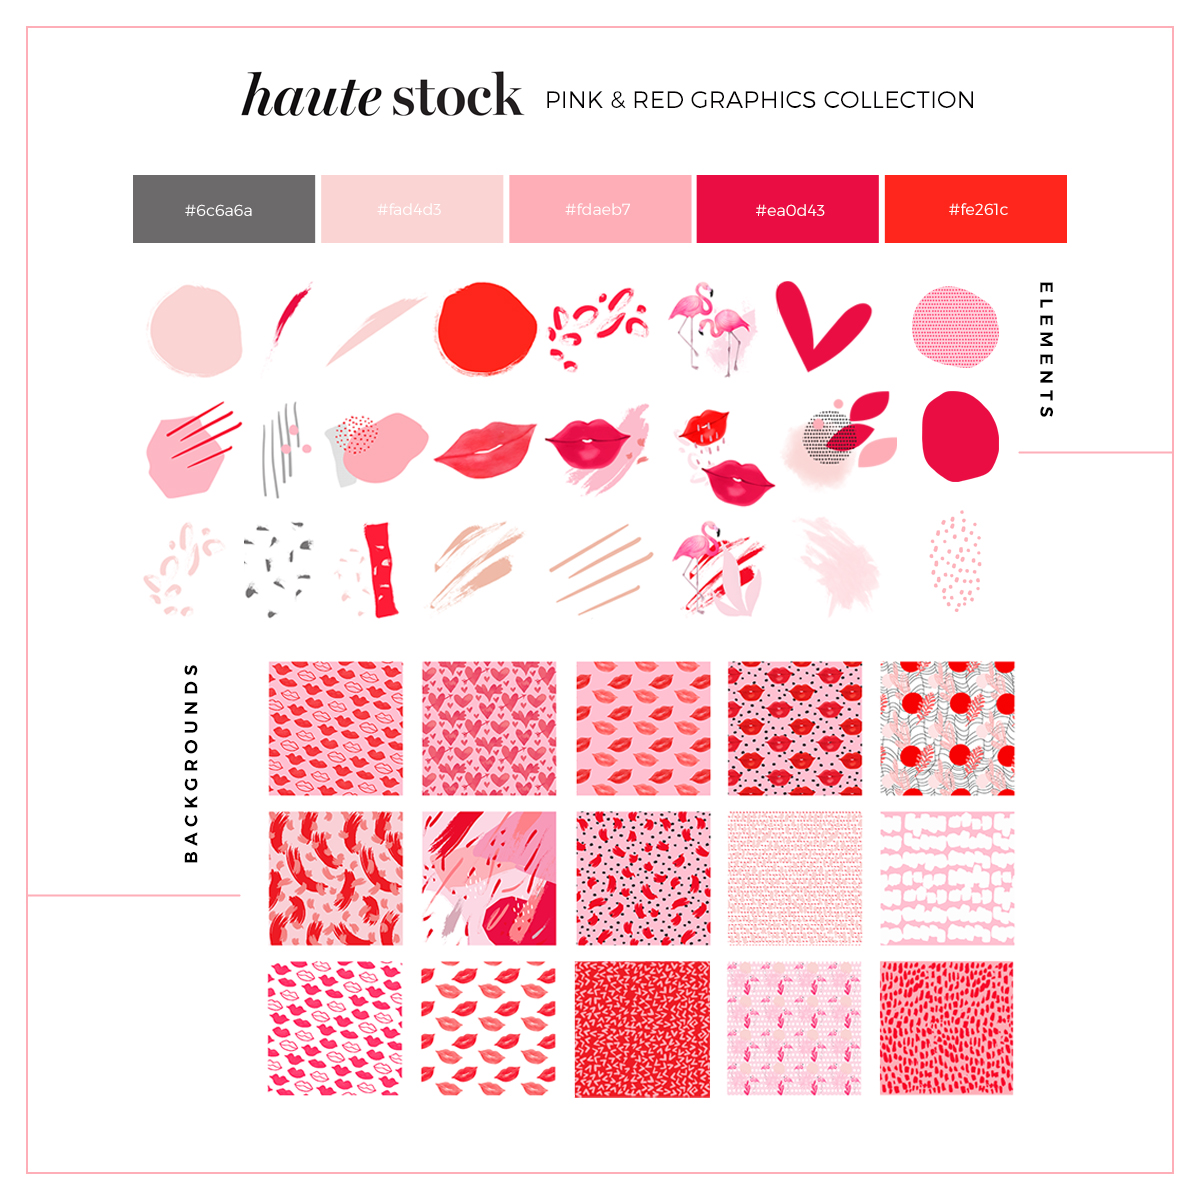 haute stock january 2019 preview.jpg